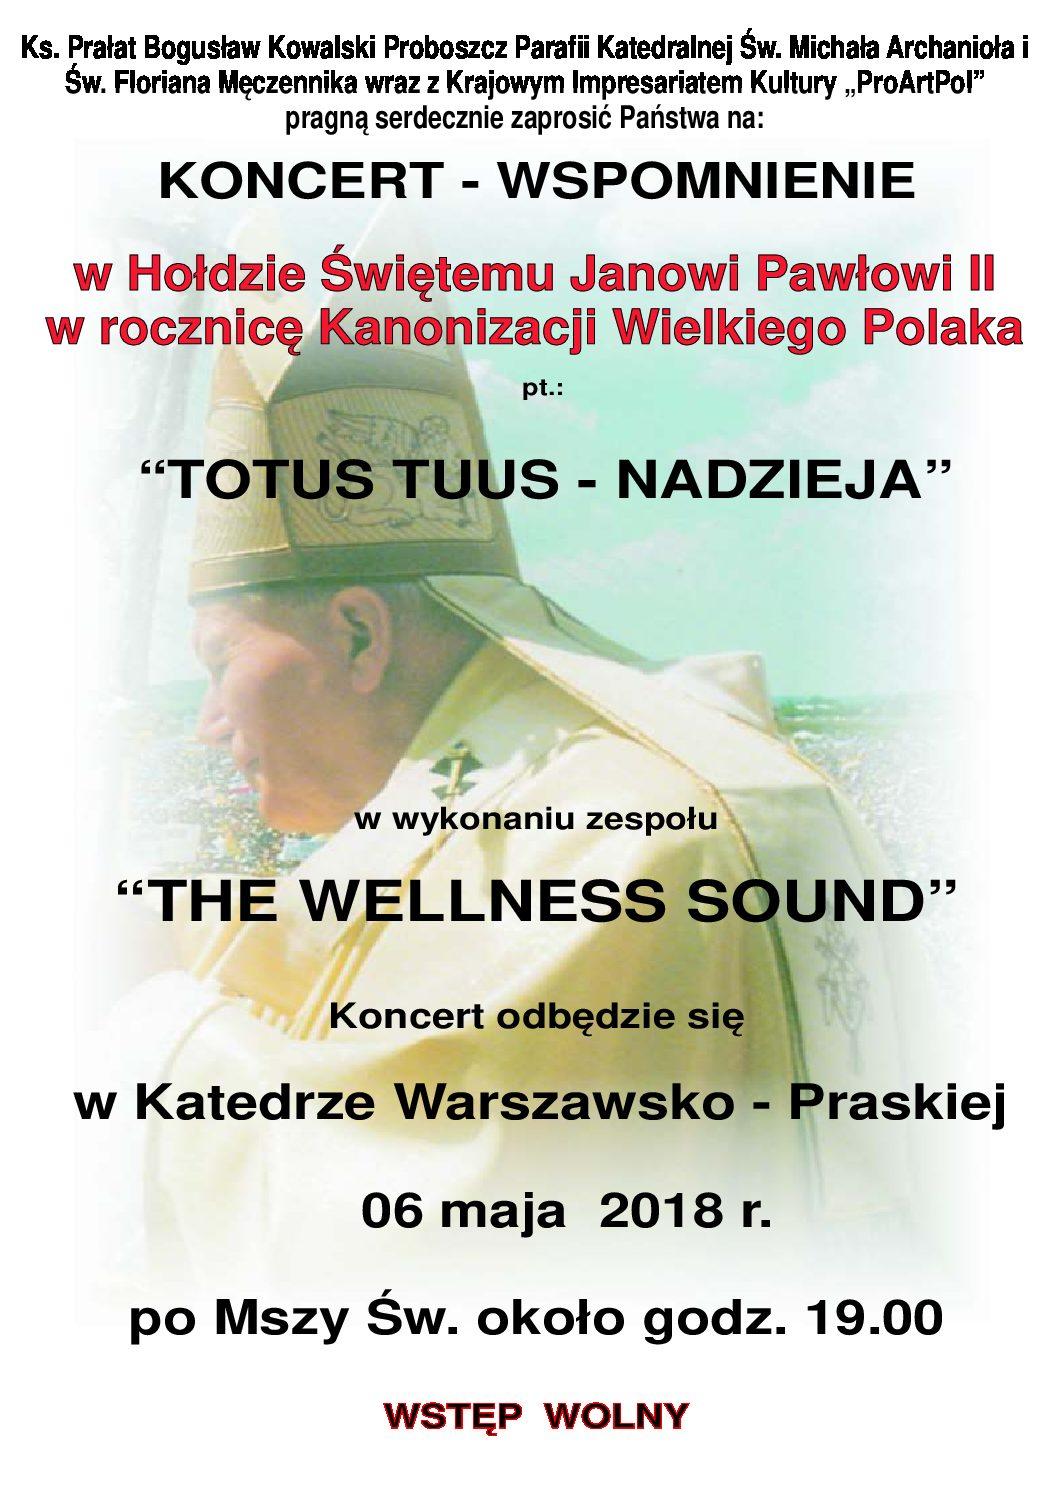 Koncert Wspomnienie w Hołdzie Janowi Pawłowi II